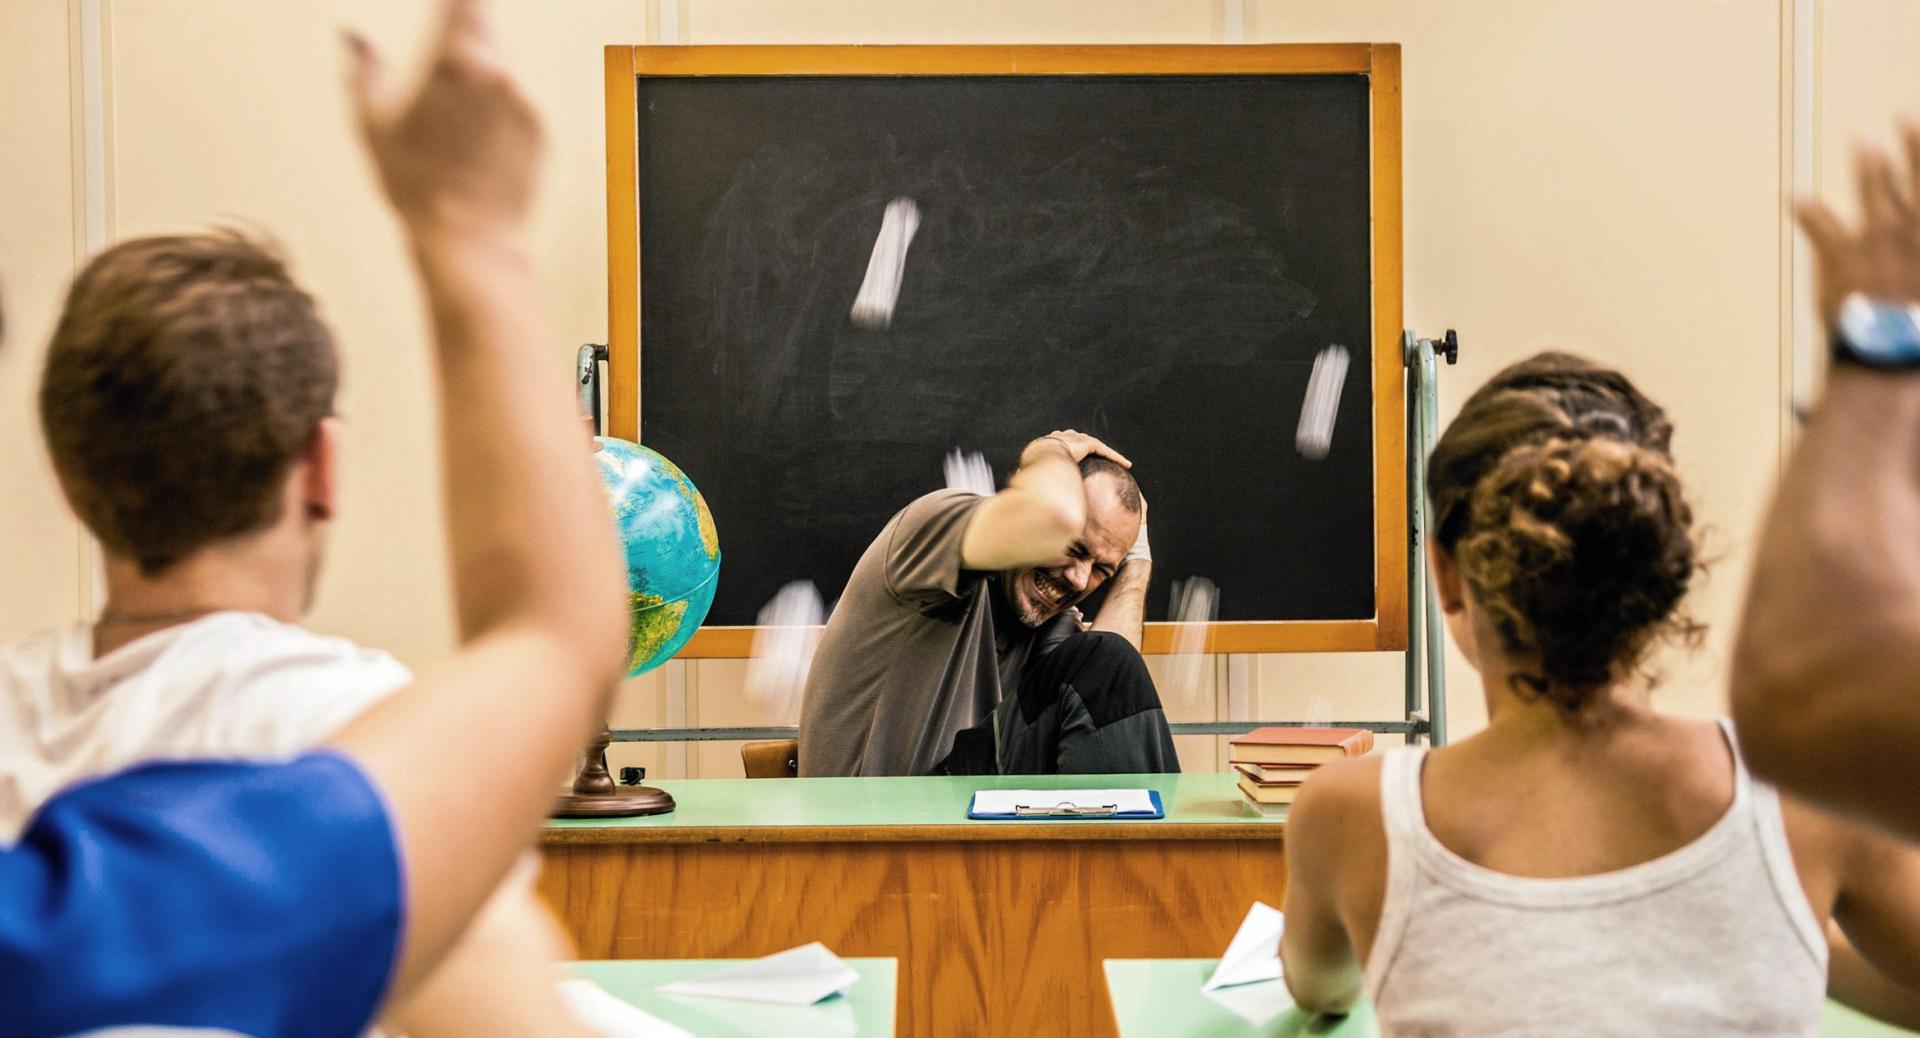 Родители заплатит штраф, если их ребенок оскорбил учителя